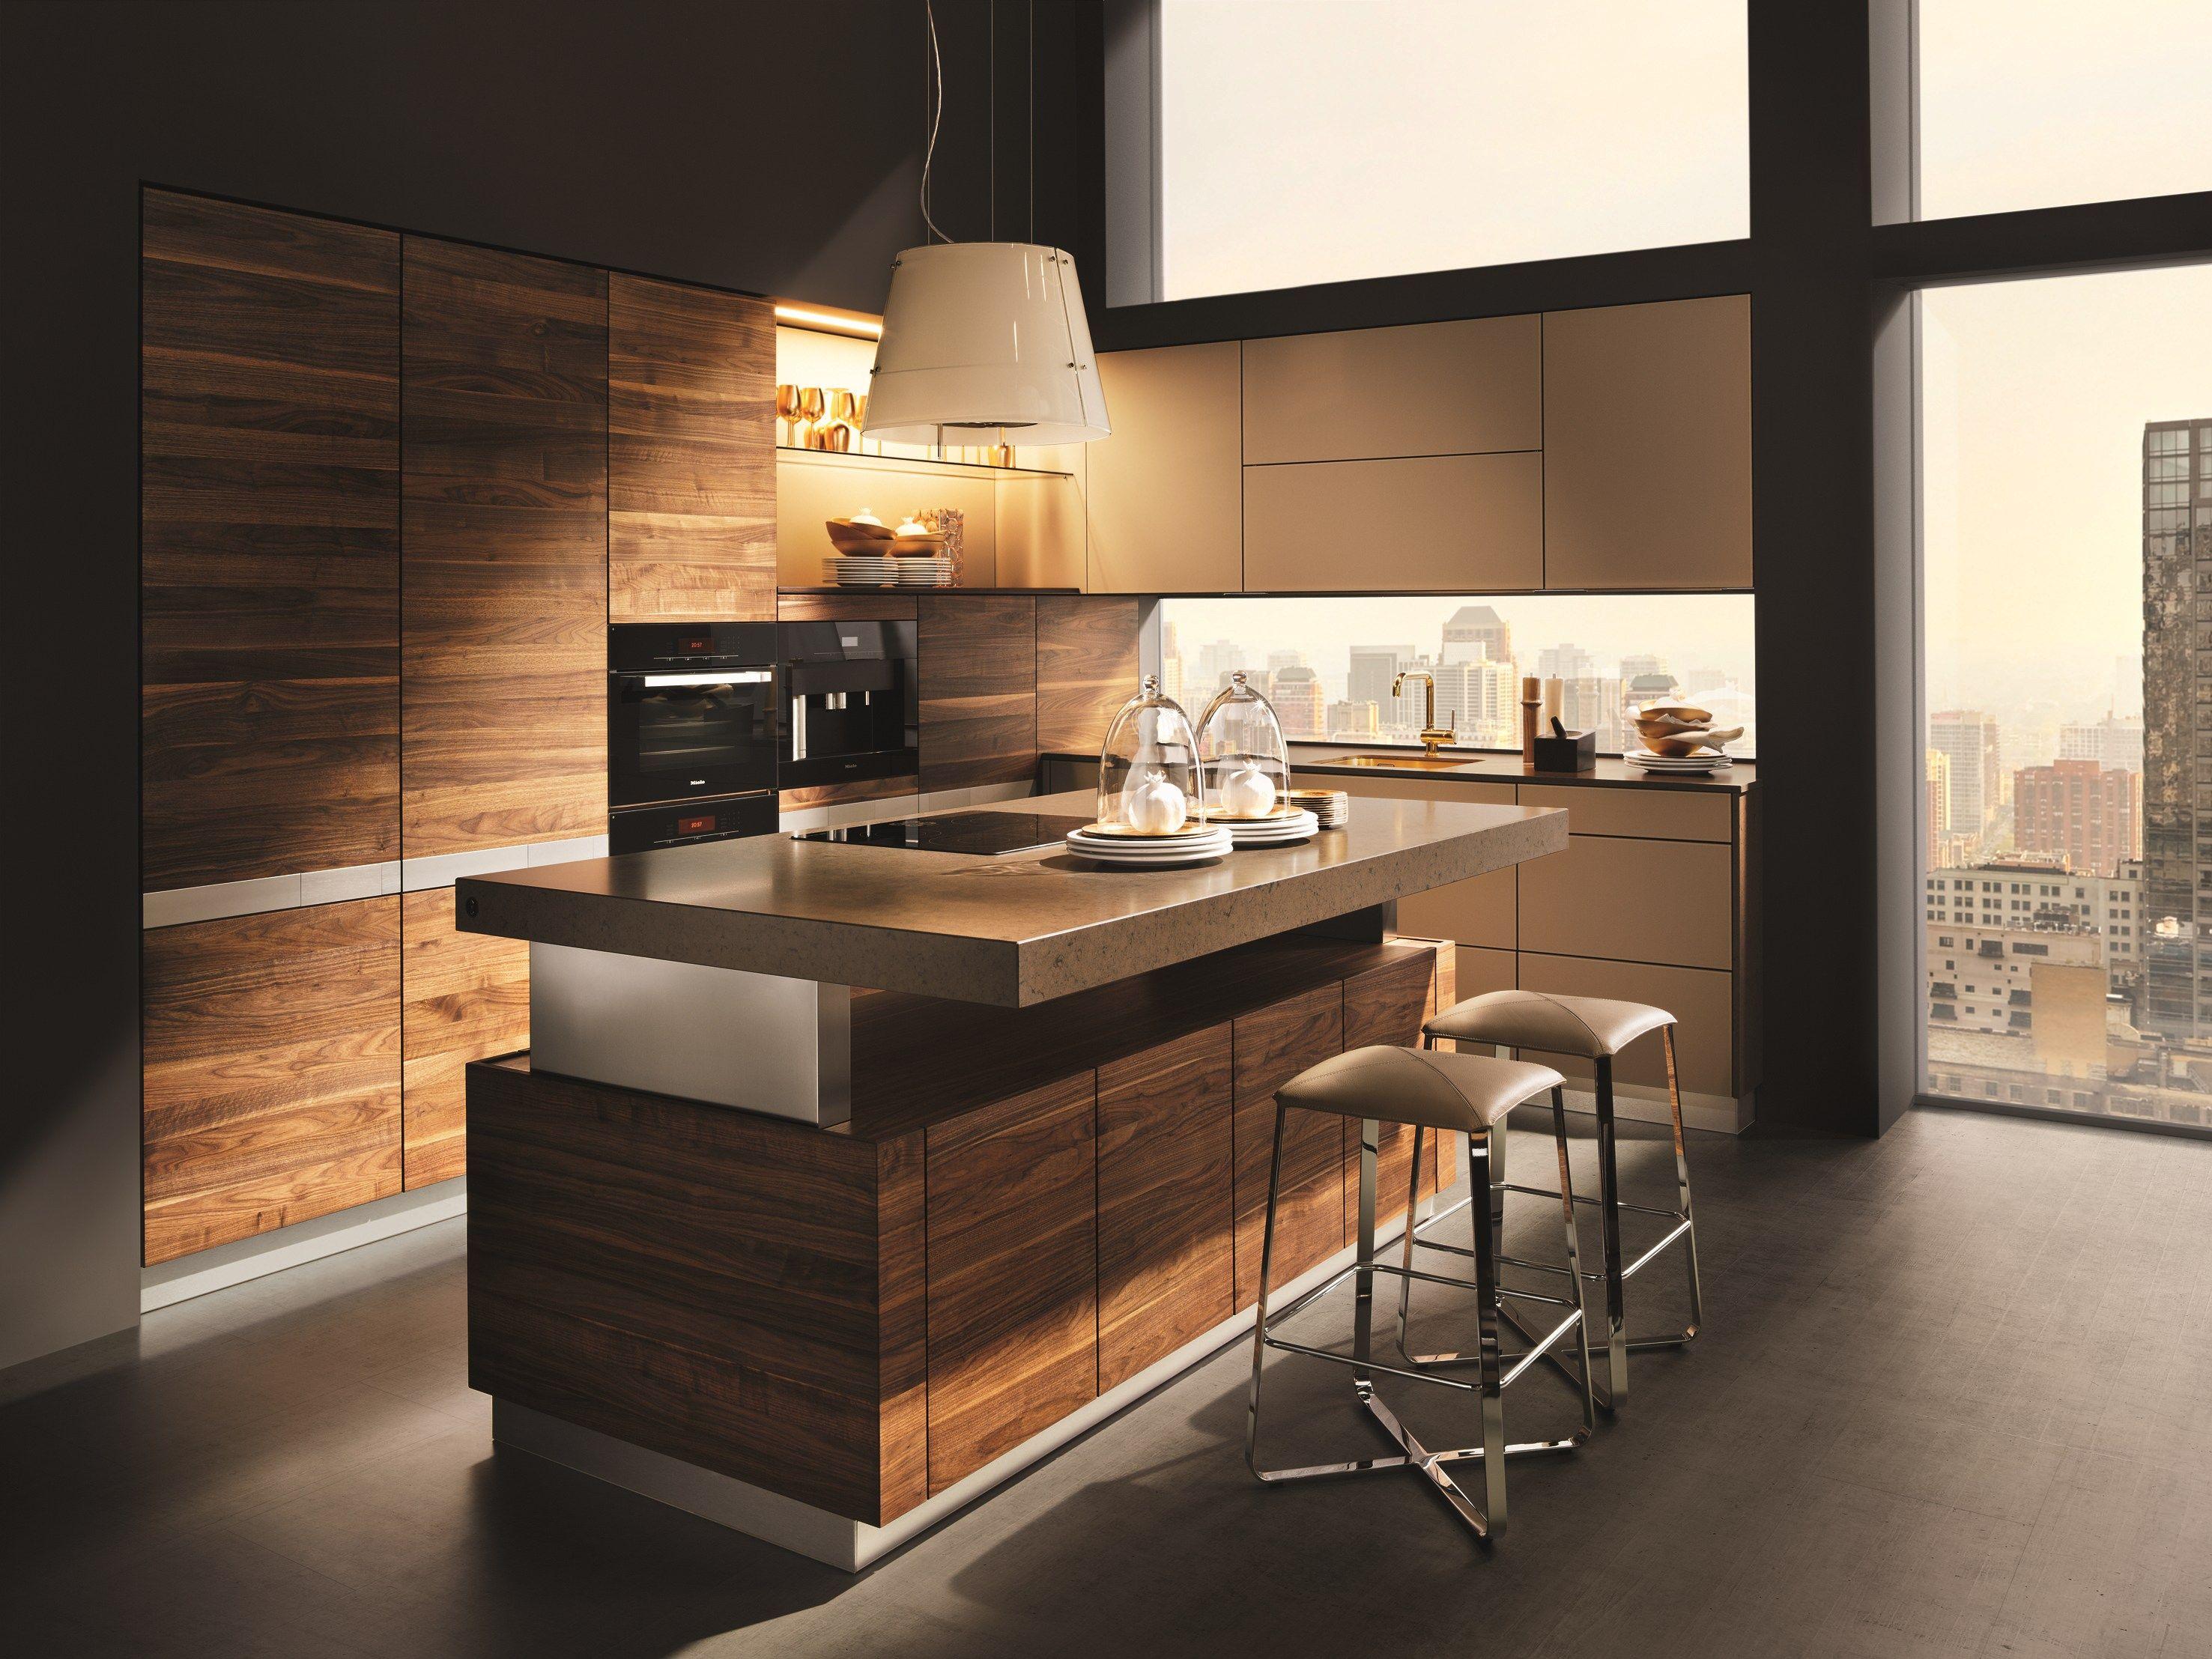 Cozinha De Madeira Com Ilha K7 By TEAM 7 Natürlich Wohnen | Design Kai  Stania